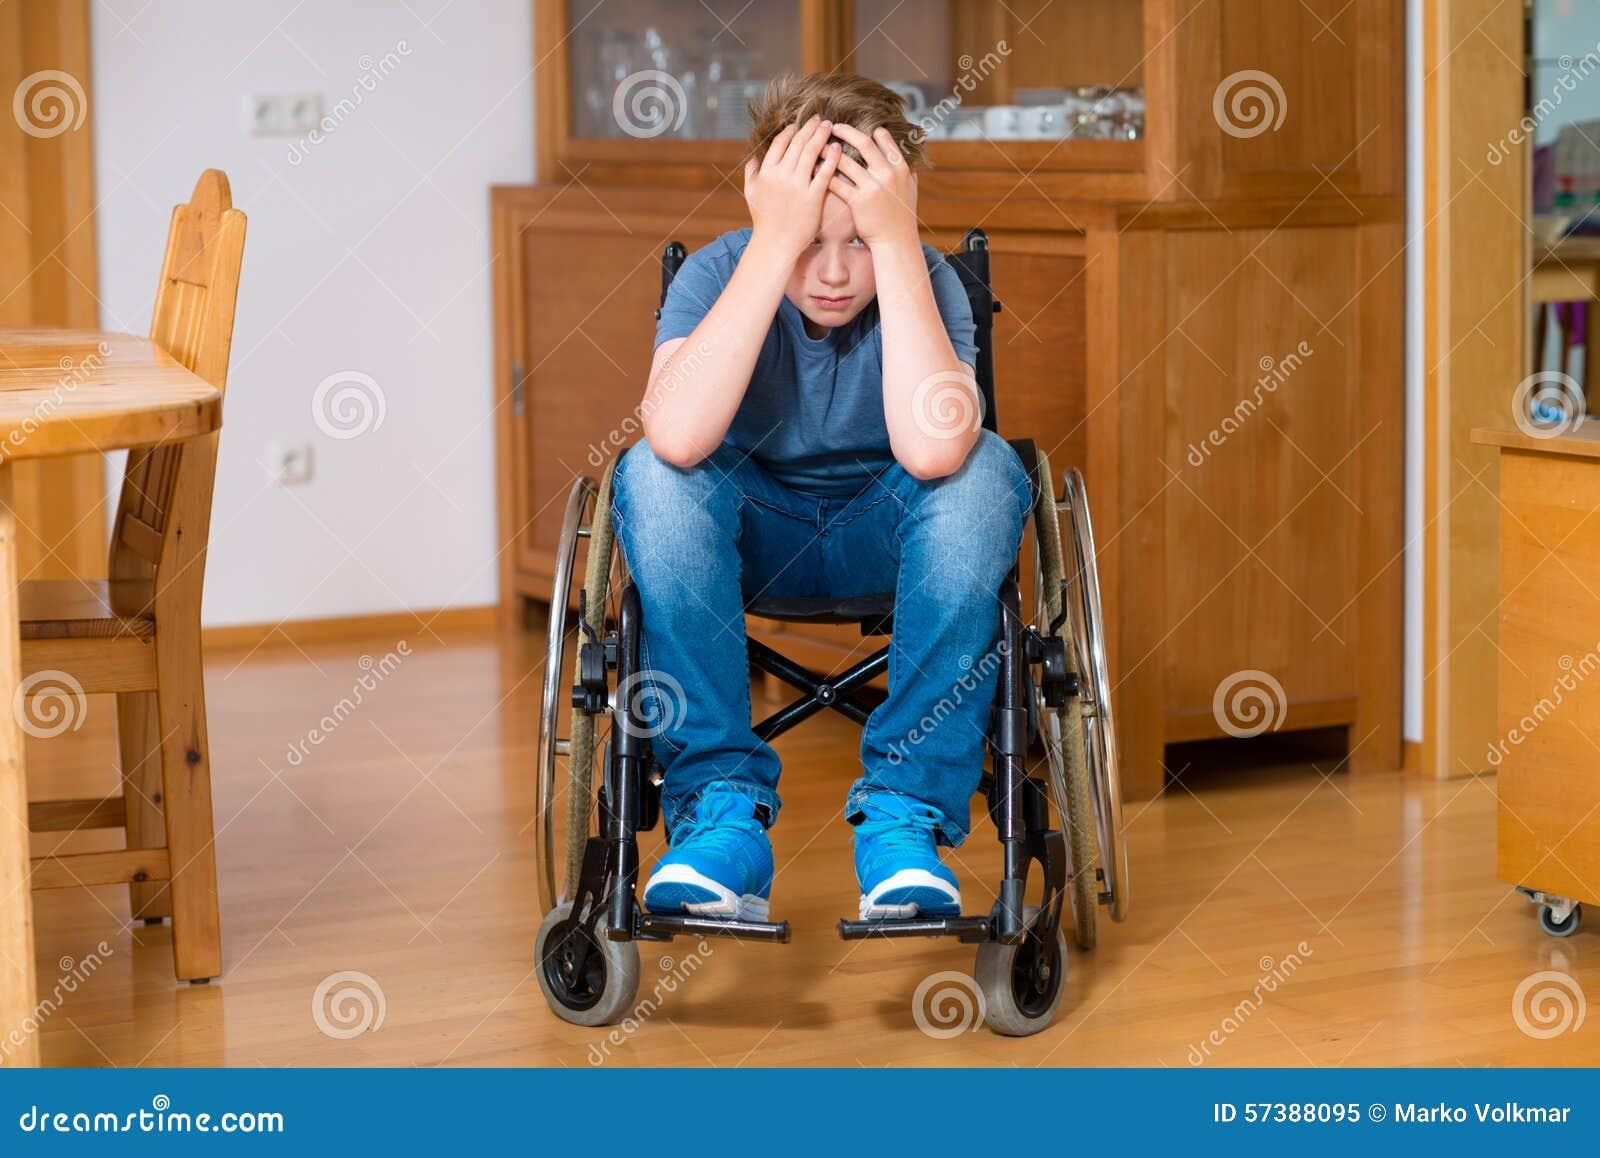 De gehandicapte jongen in rolstoel is droevig